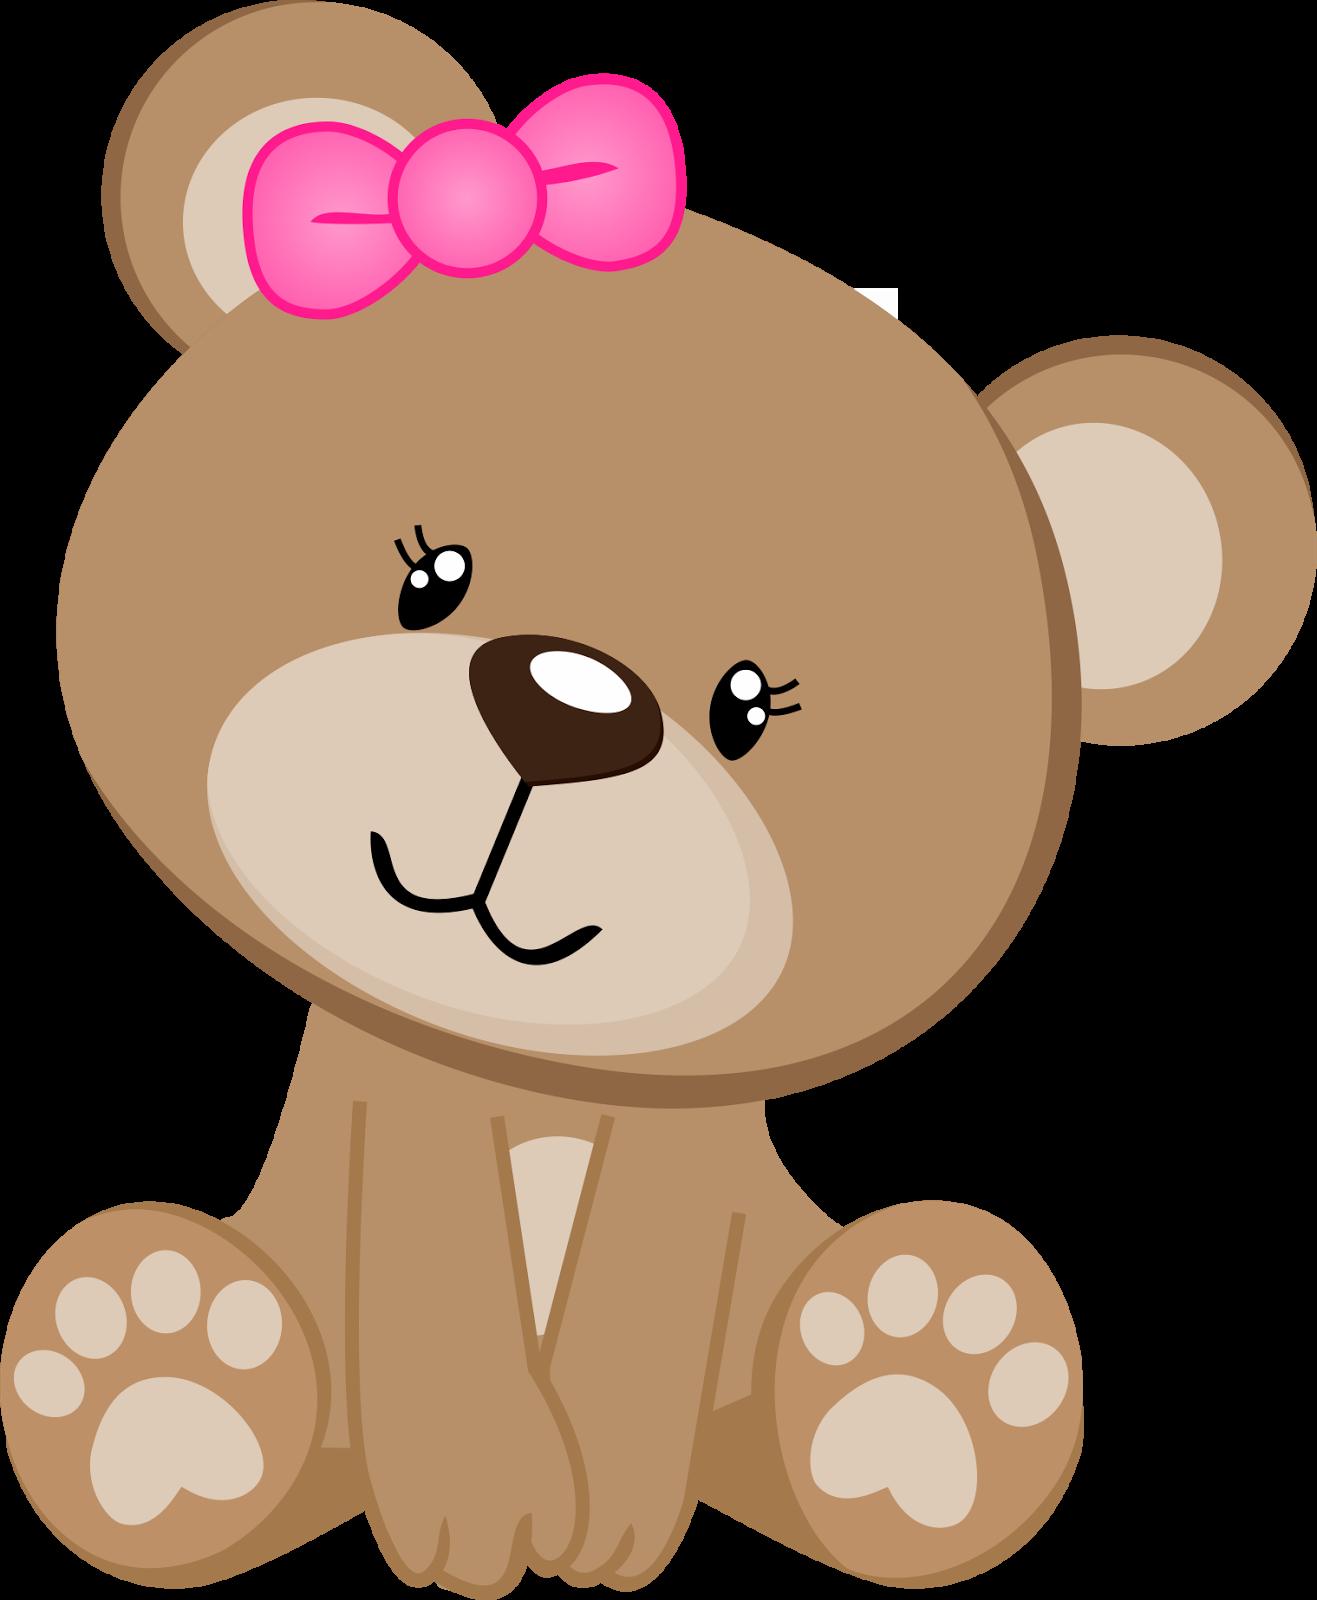 Bebe Ursinho Png ~ Coisas Da Laiz PNG Ursinhos Pinterest Chás de beb u00ea, Chás e Beb u00eas